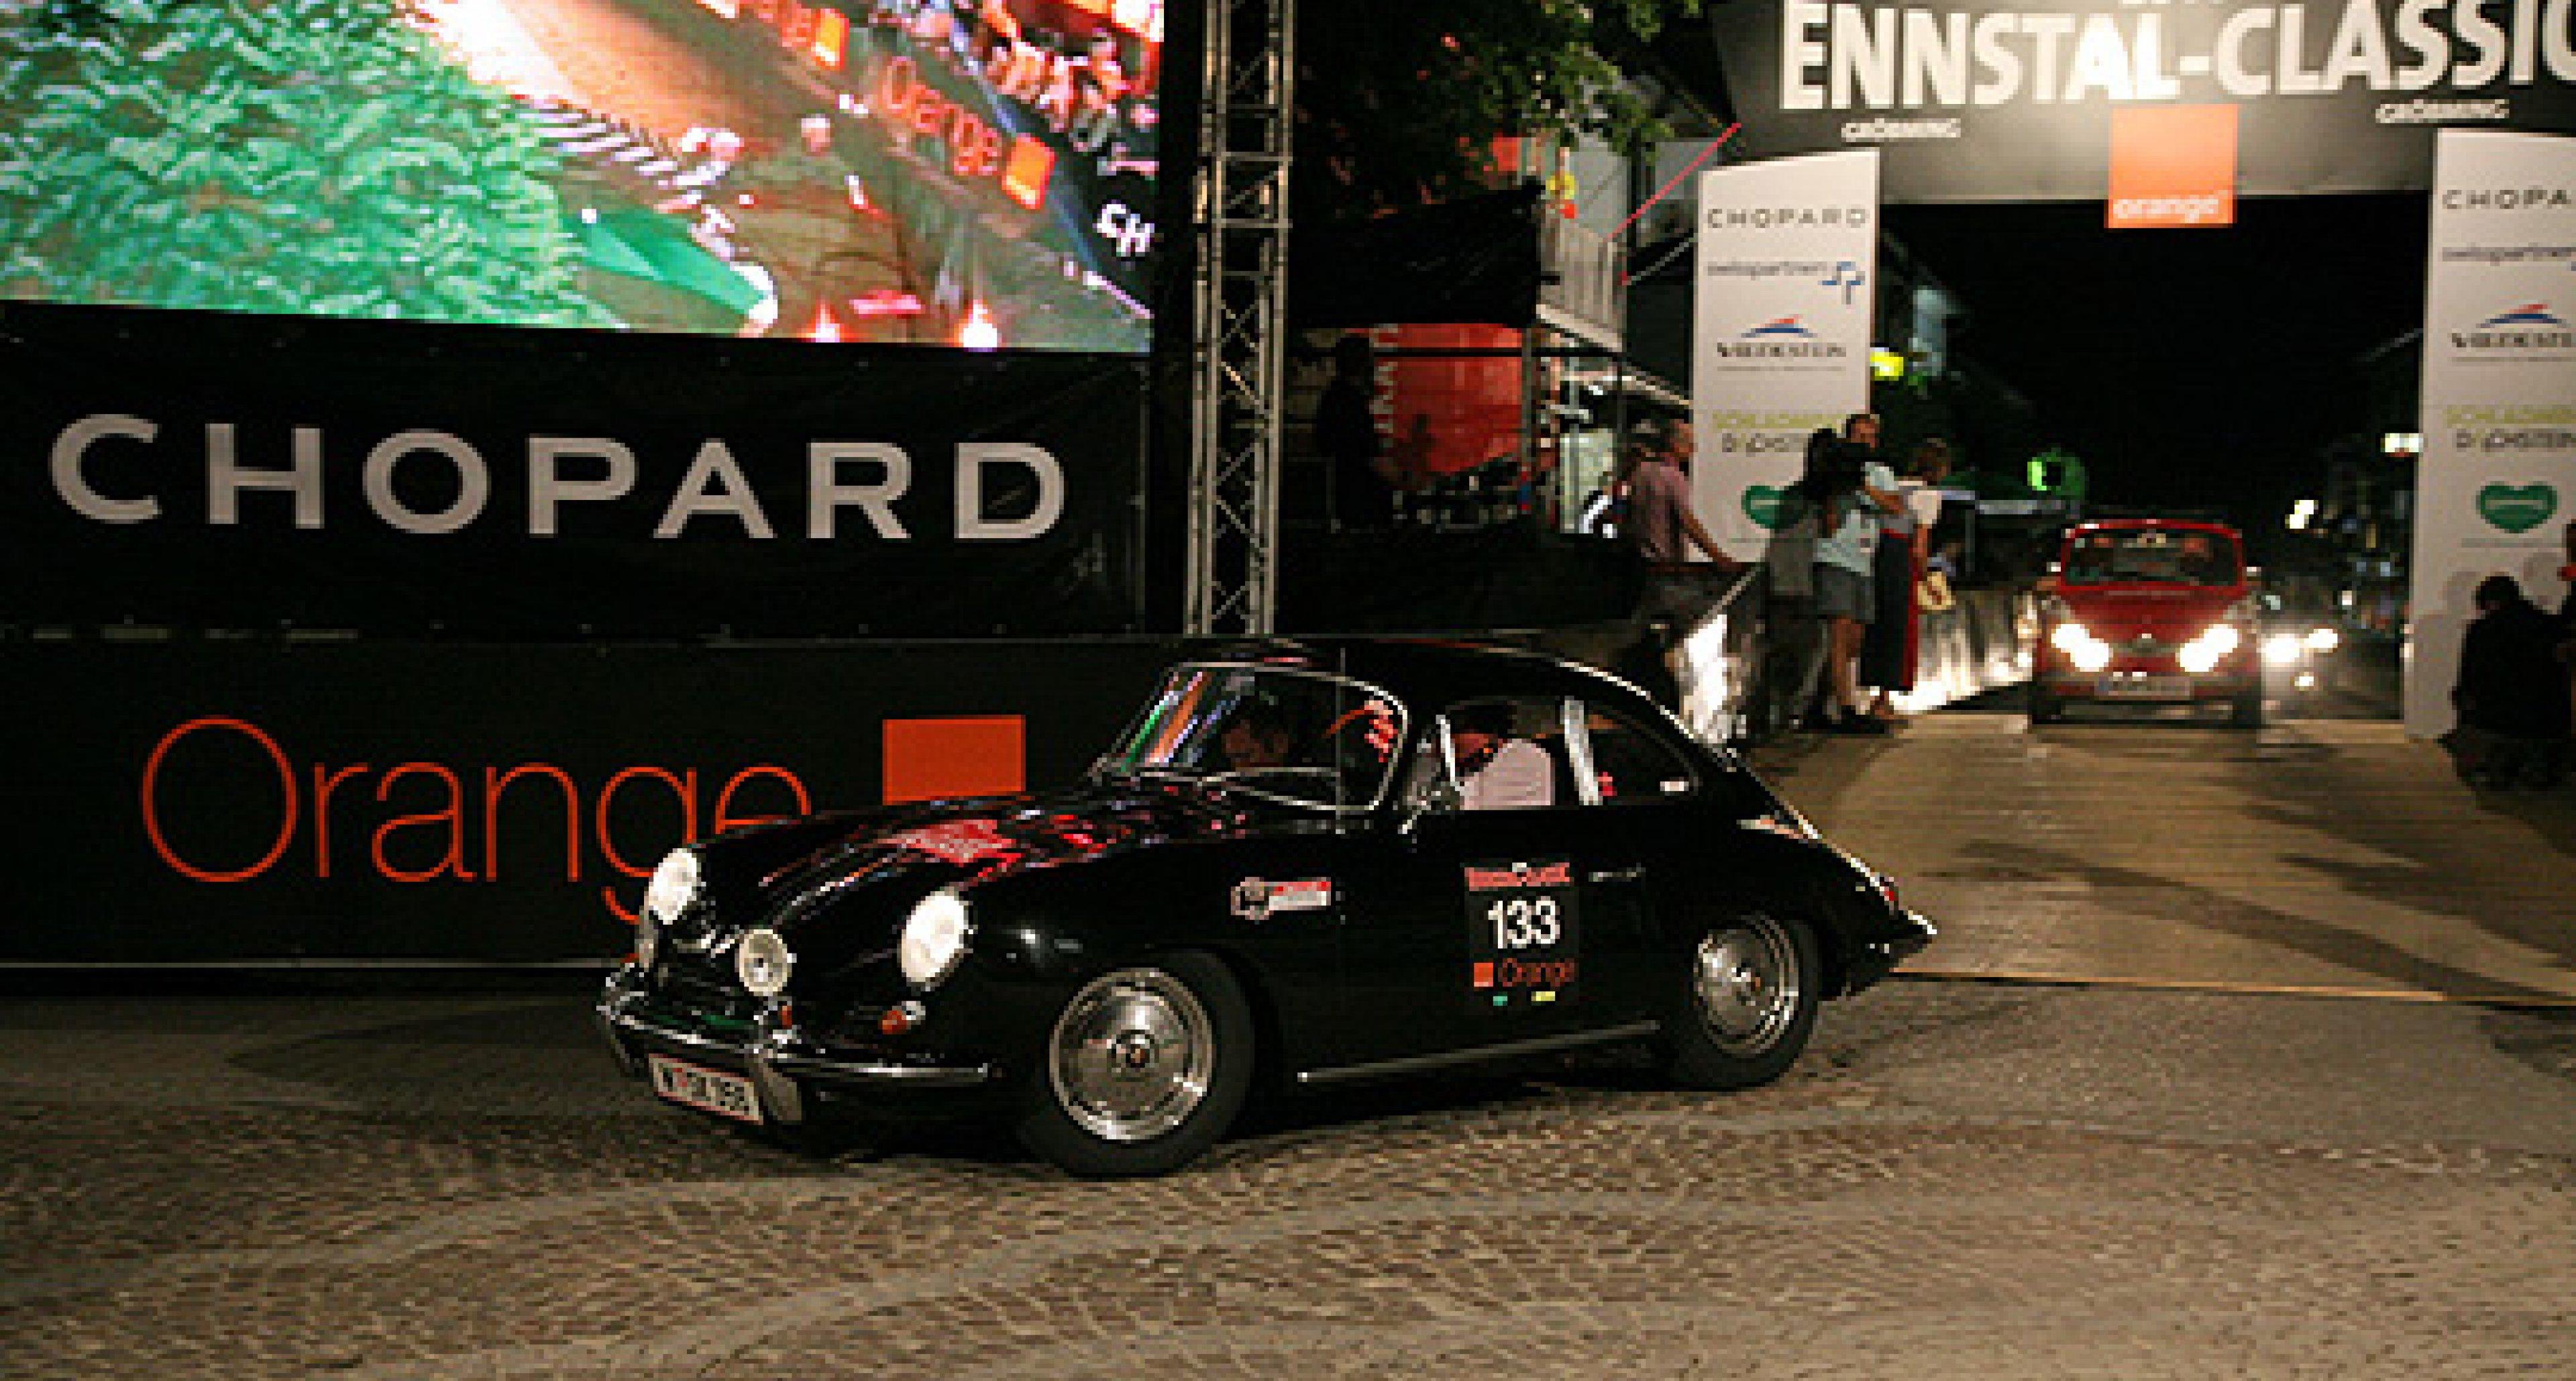 Ennstal Classic 2010: Rückblick